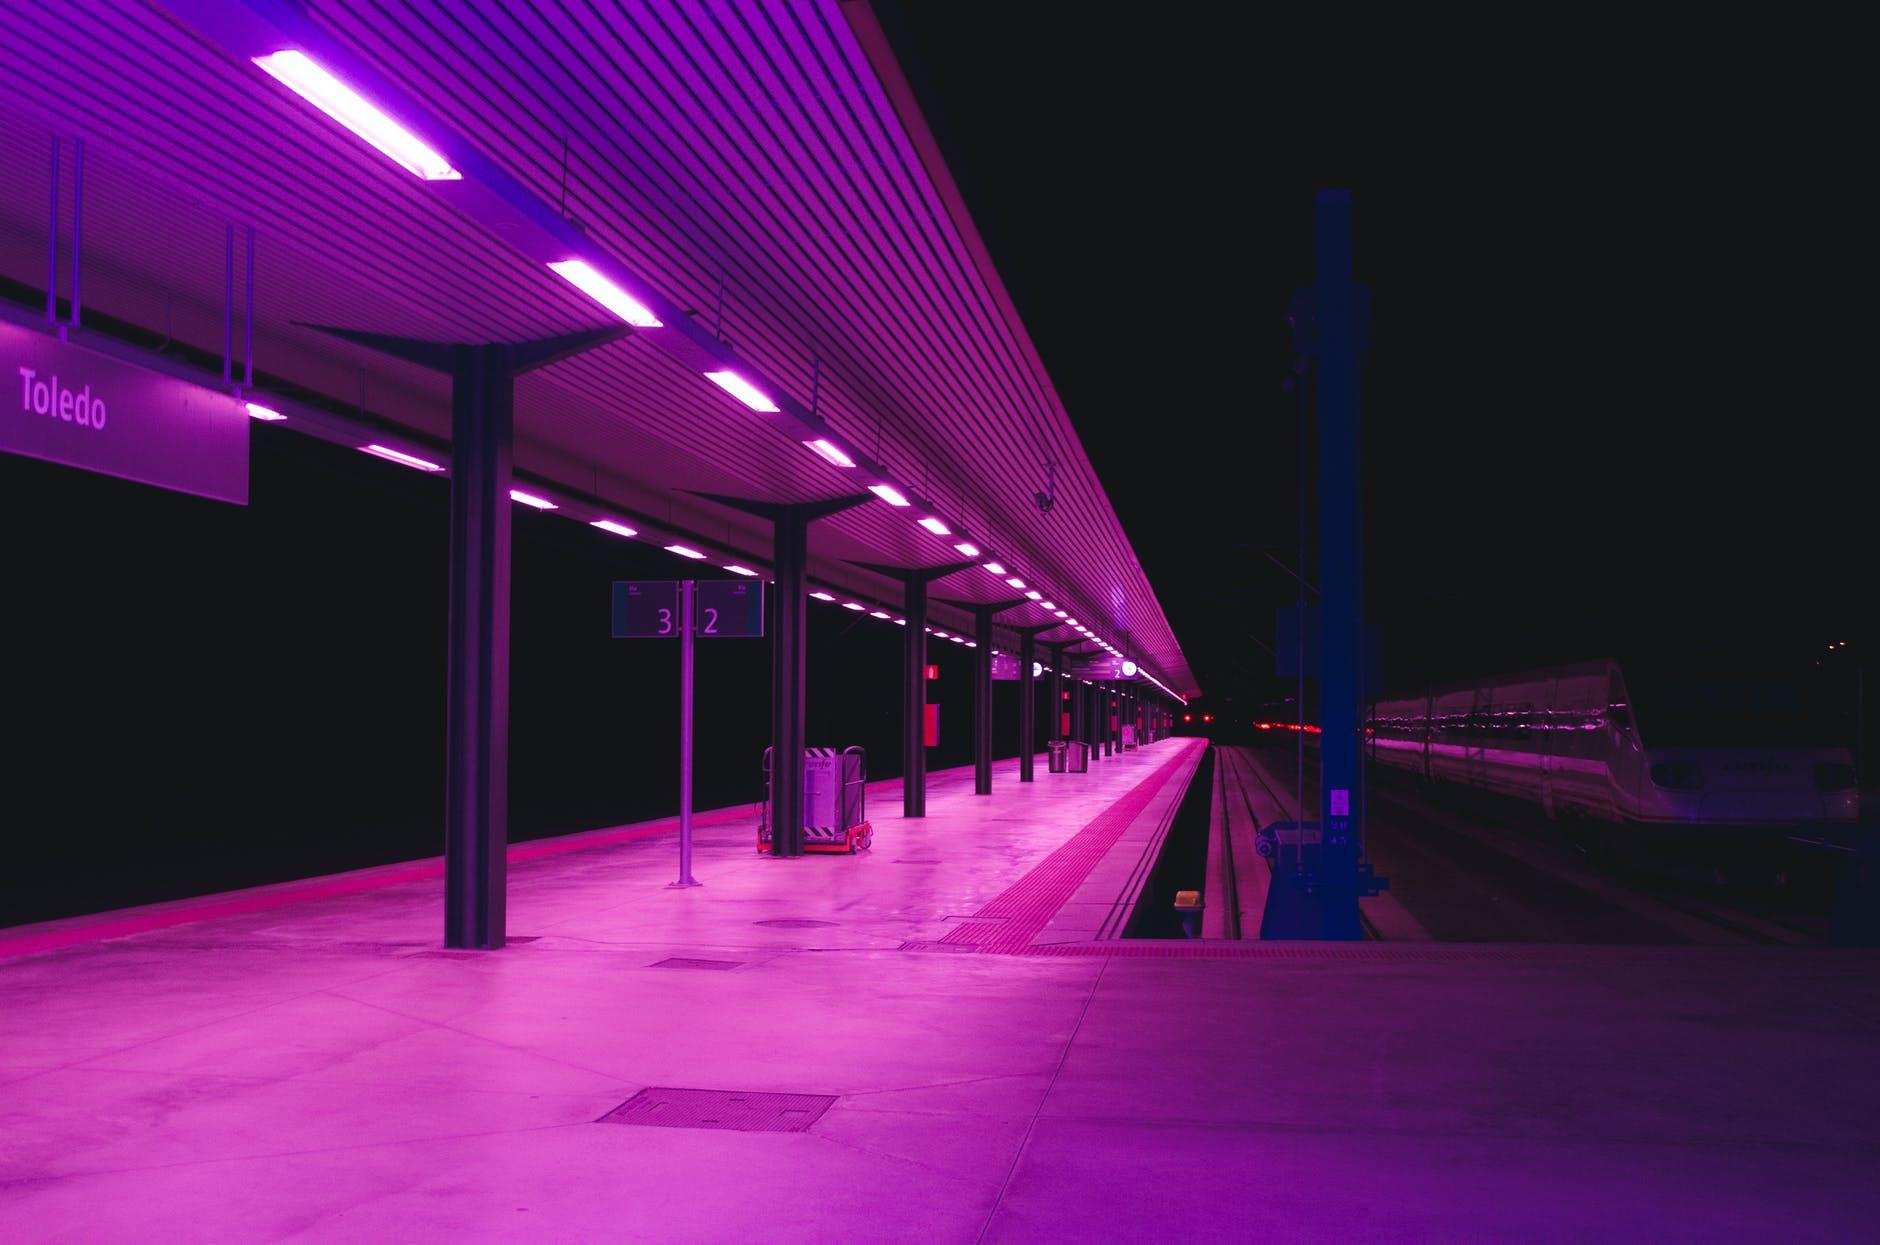 EP13 「乘上緩慢的長途夜車,抵達自己。」從NanaQ侵權臨摹事件來談「如何做自己」